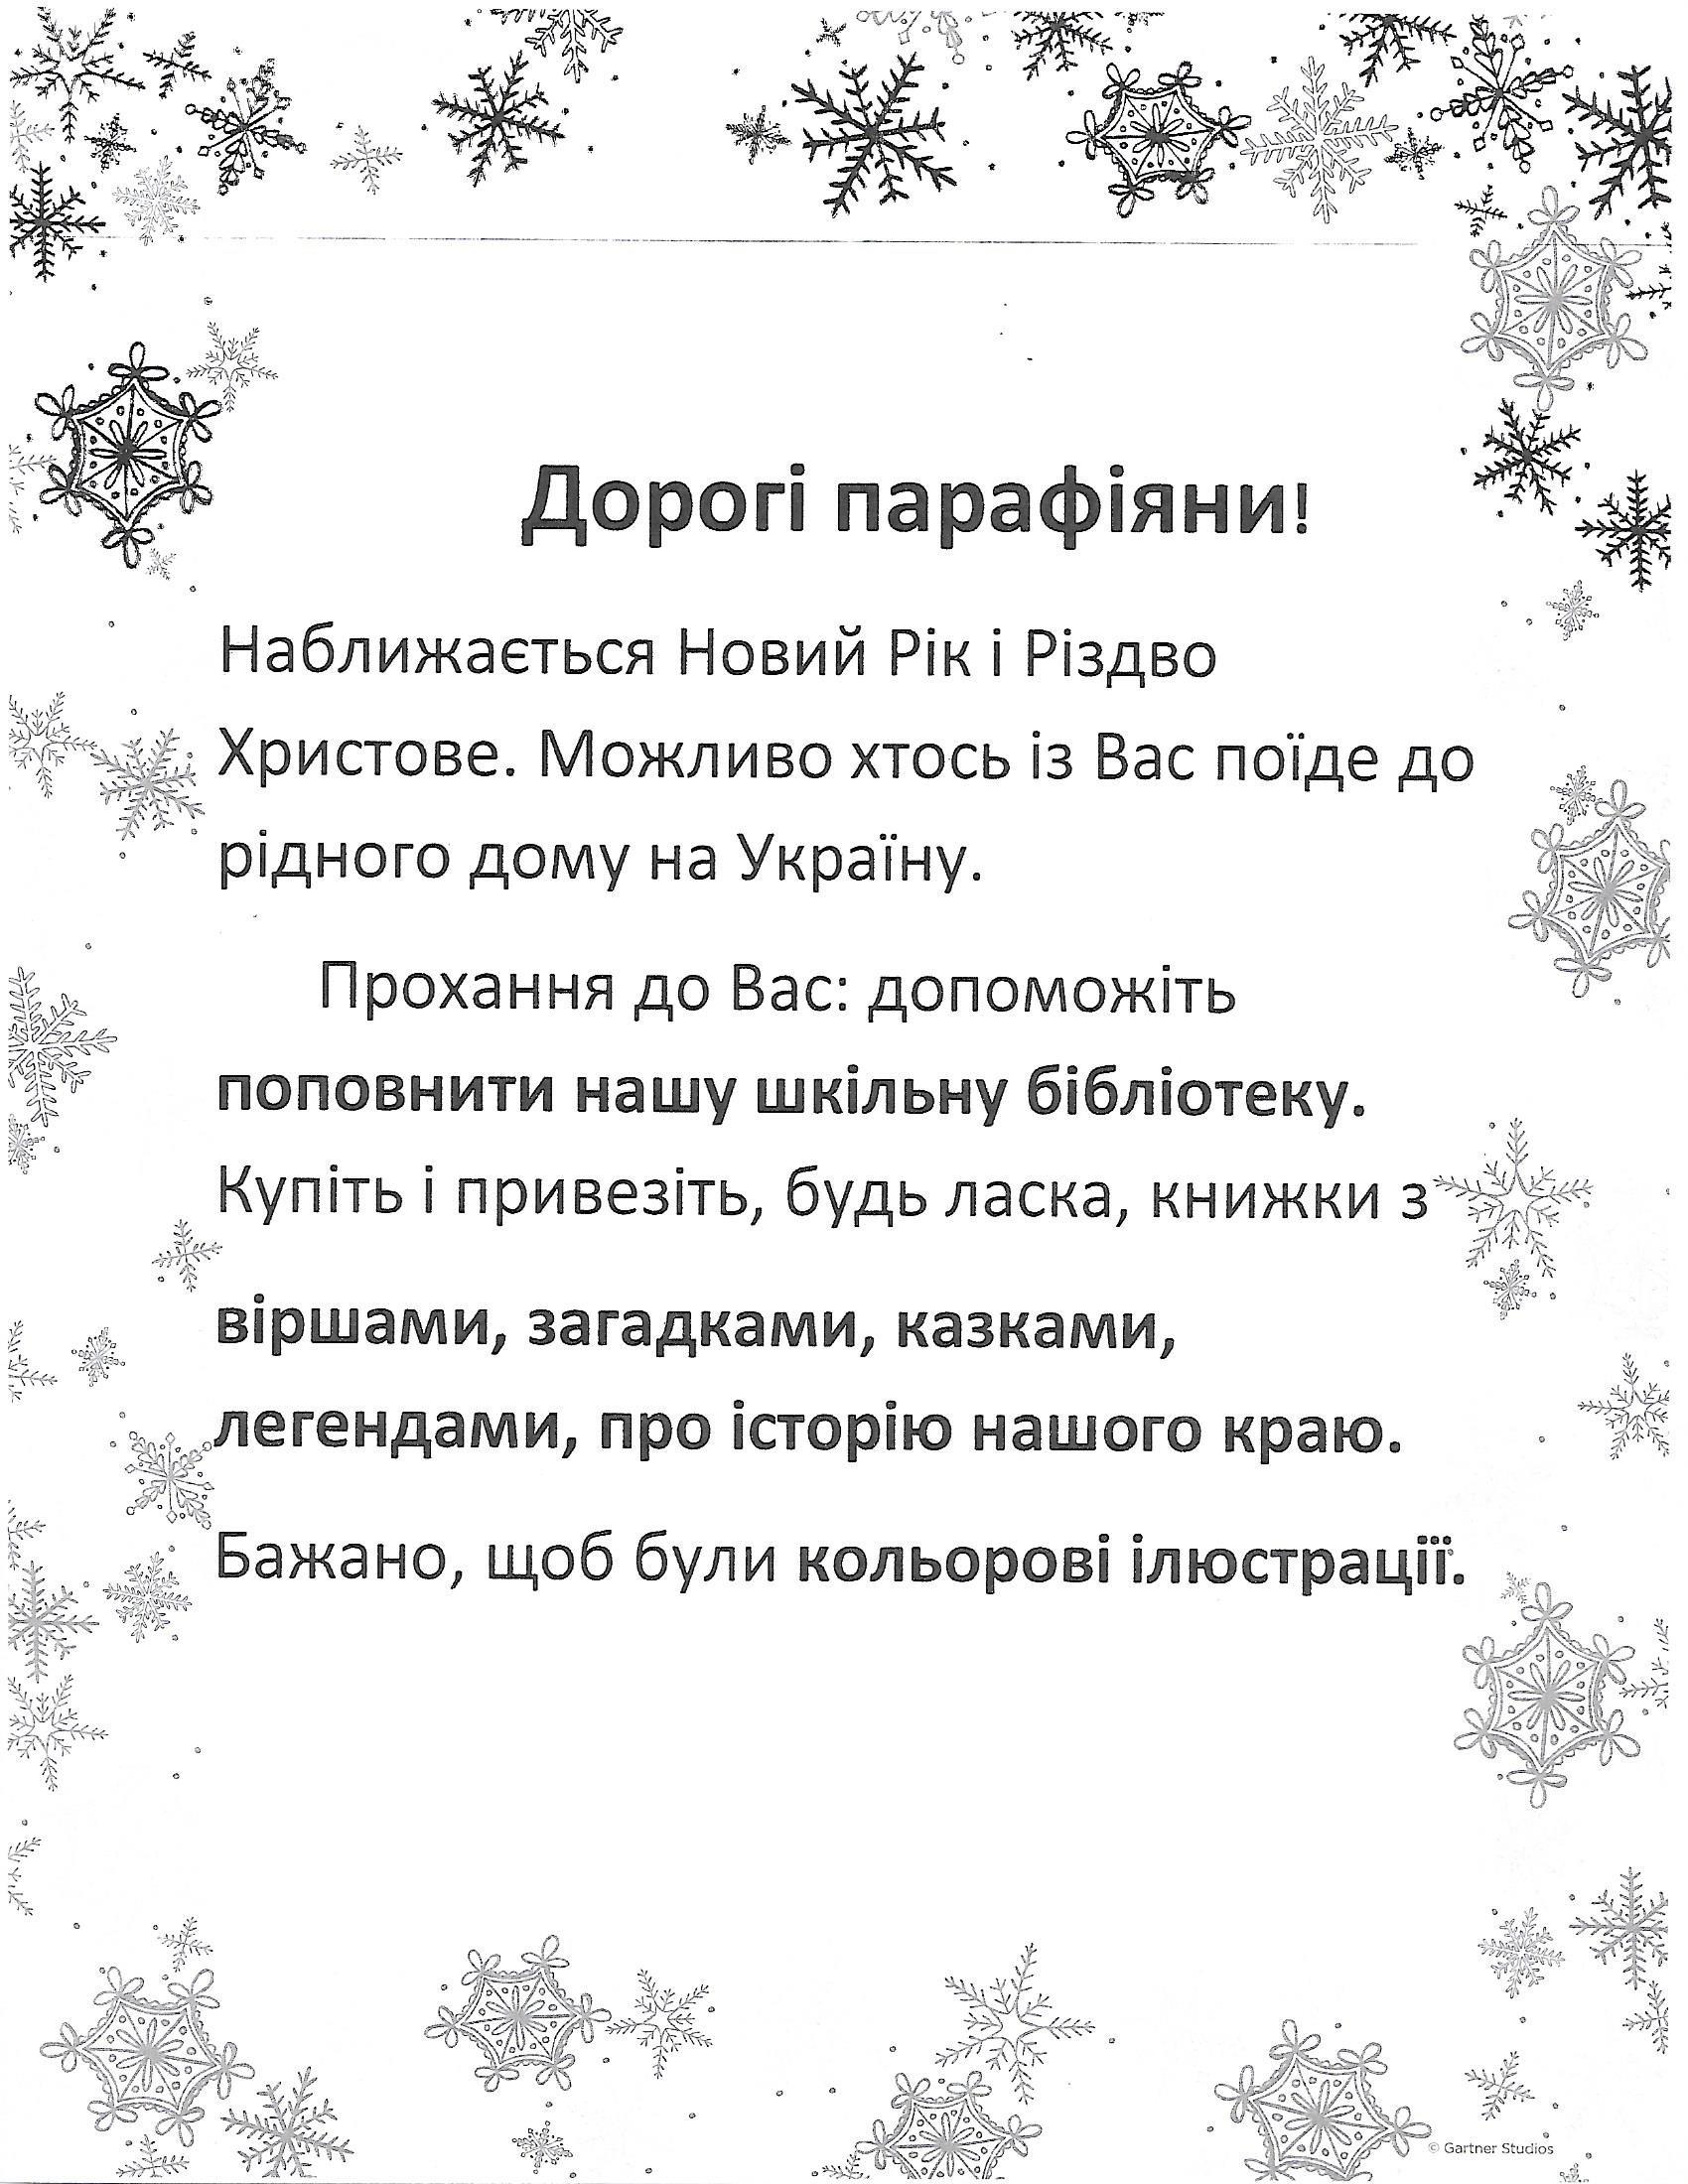 Ukrainian Flyer.jpg